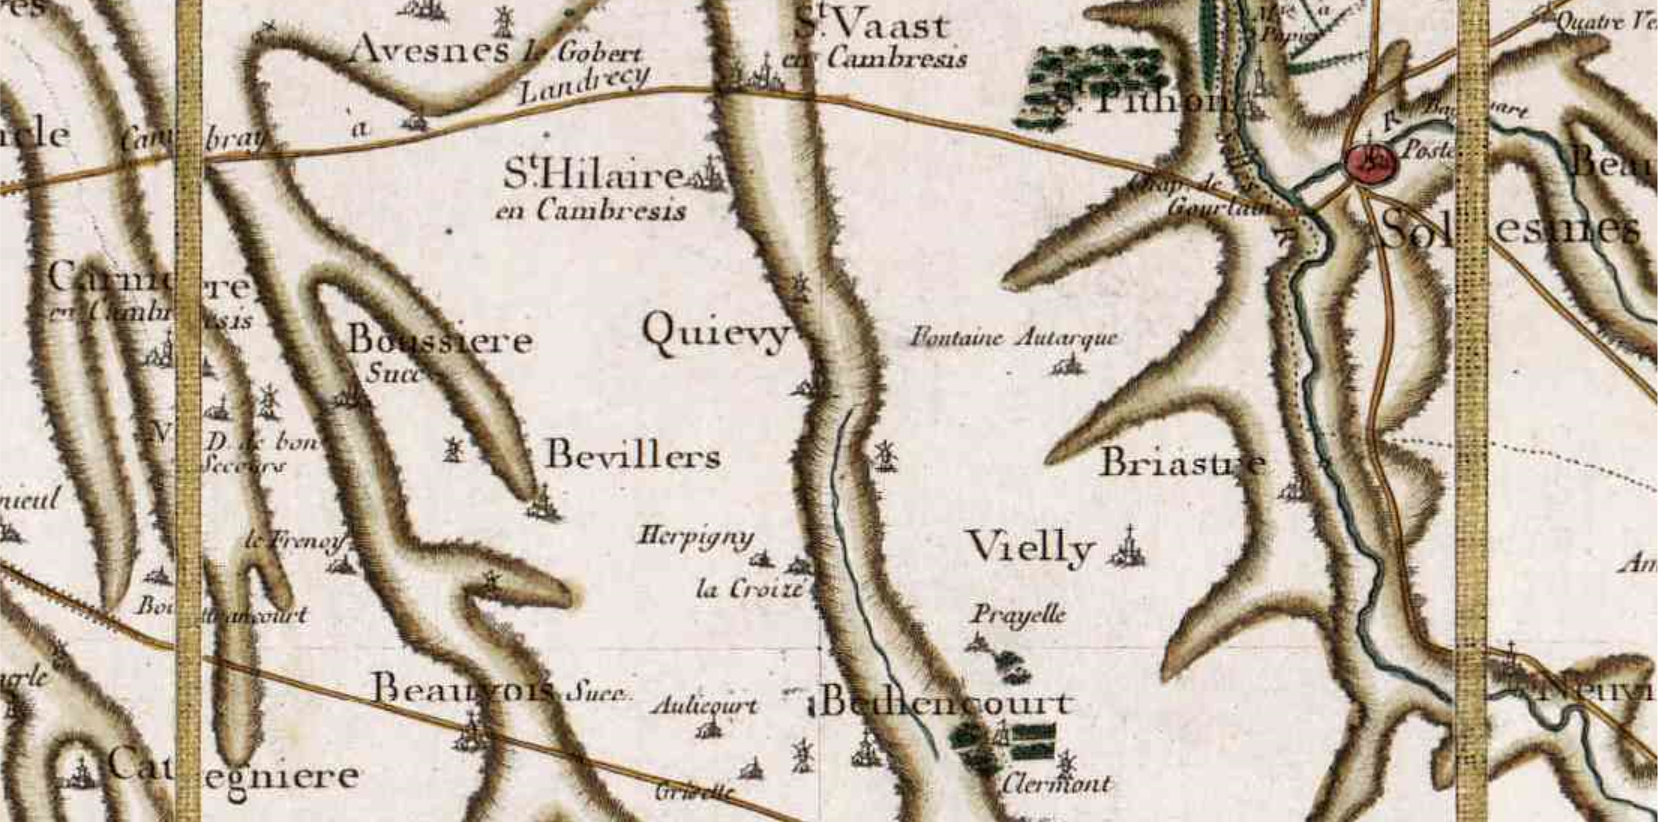 Quievy 59 cassini